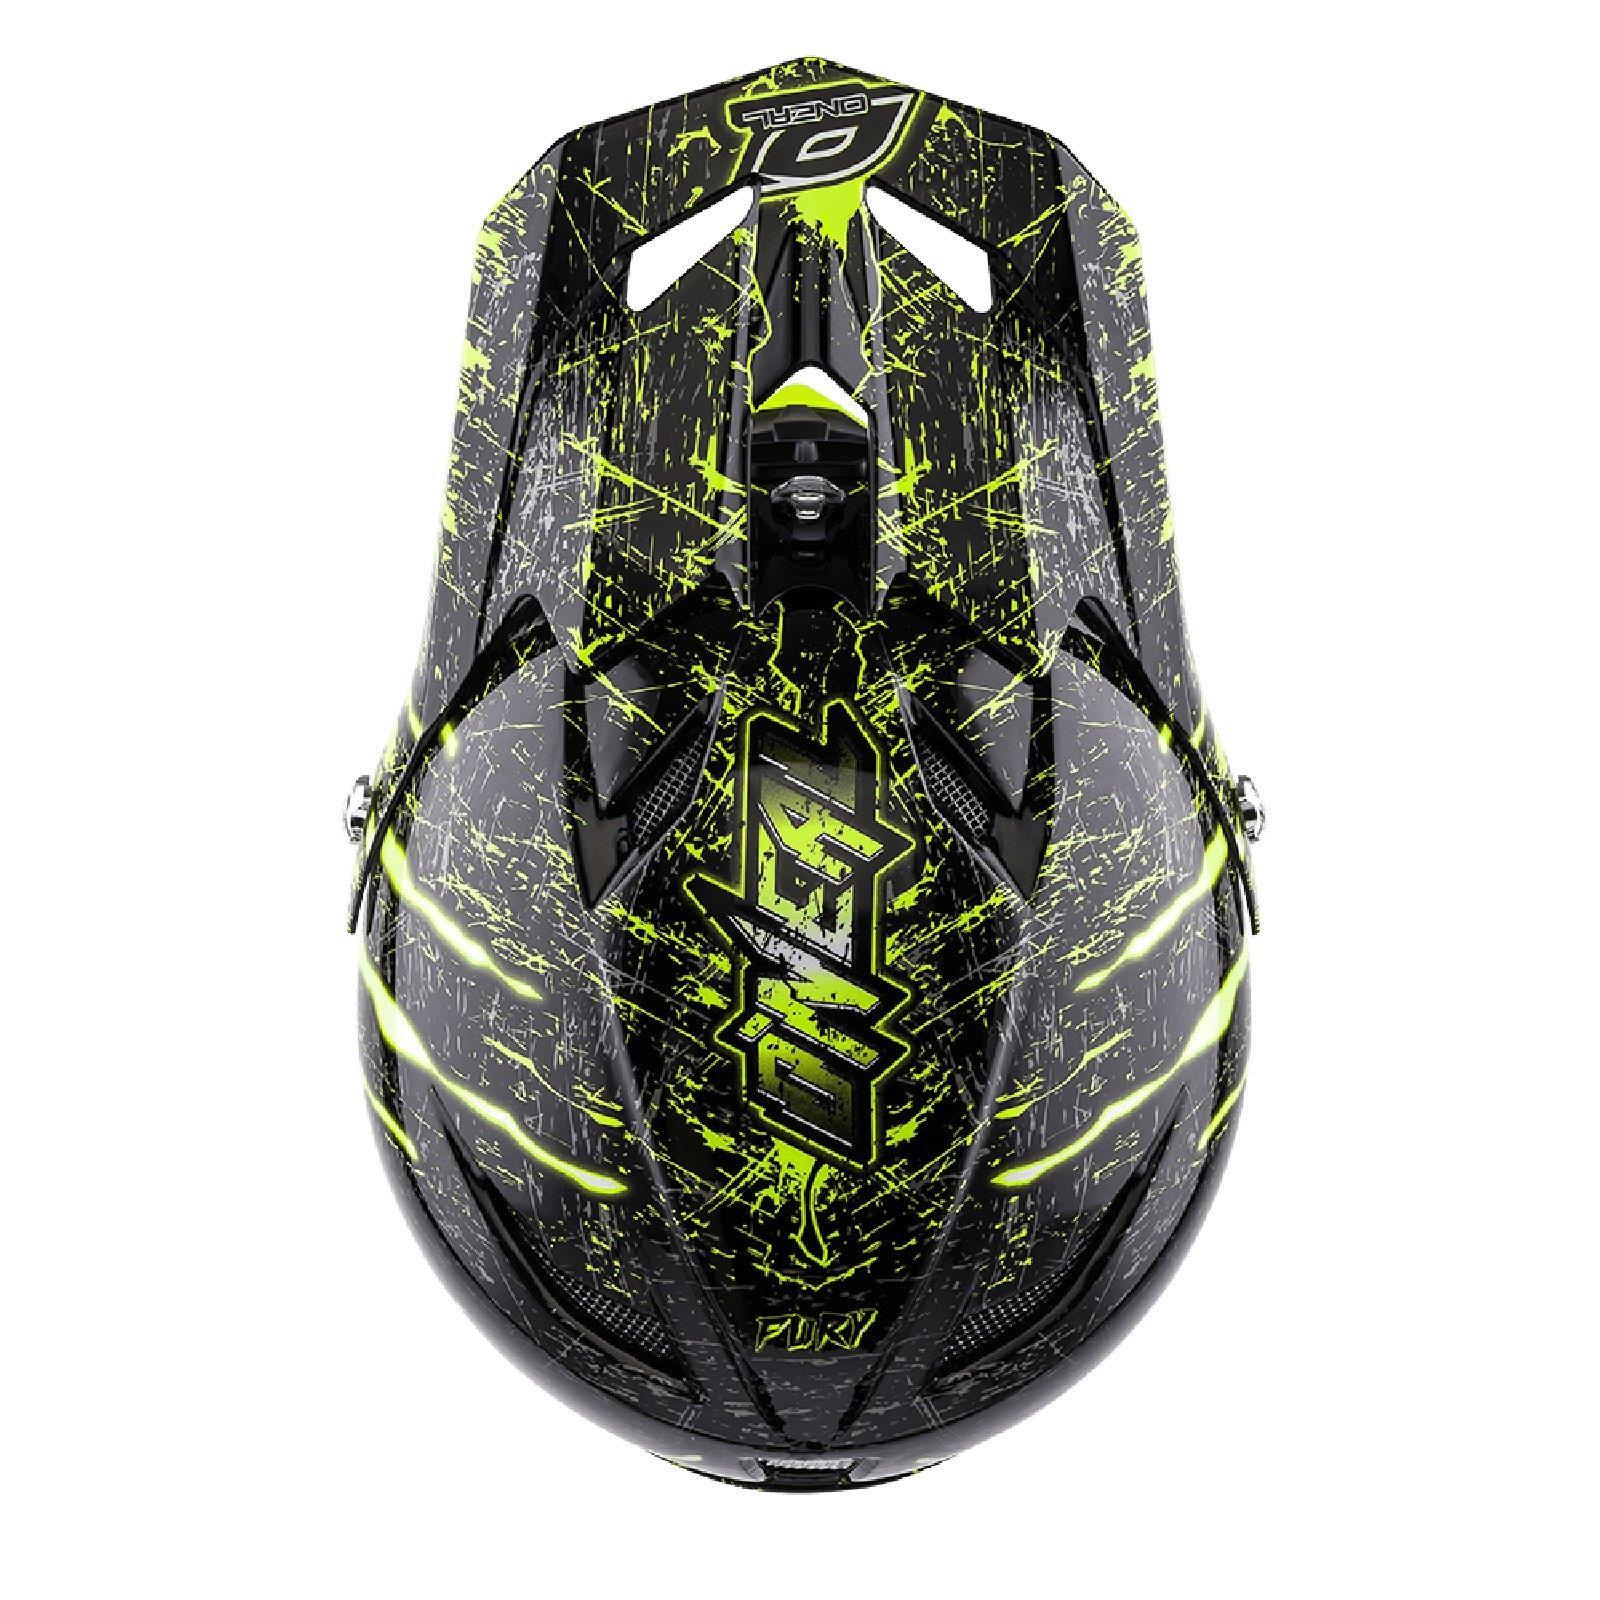 ONeal-Fury-RL-Helm-Mercury-Schwarz-Gelb-Mountainbike-Trail-DH-FR-MTB-Downhill